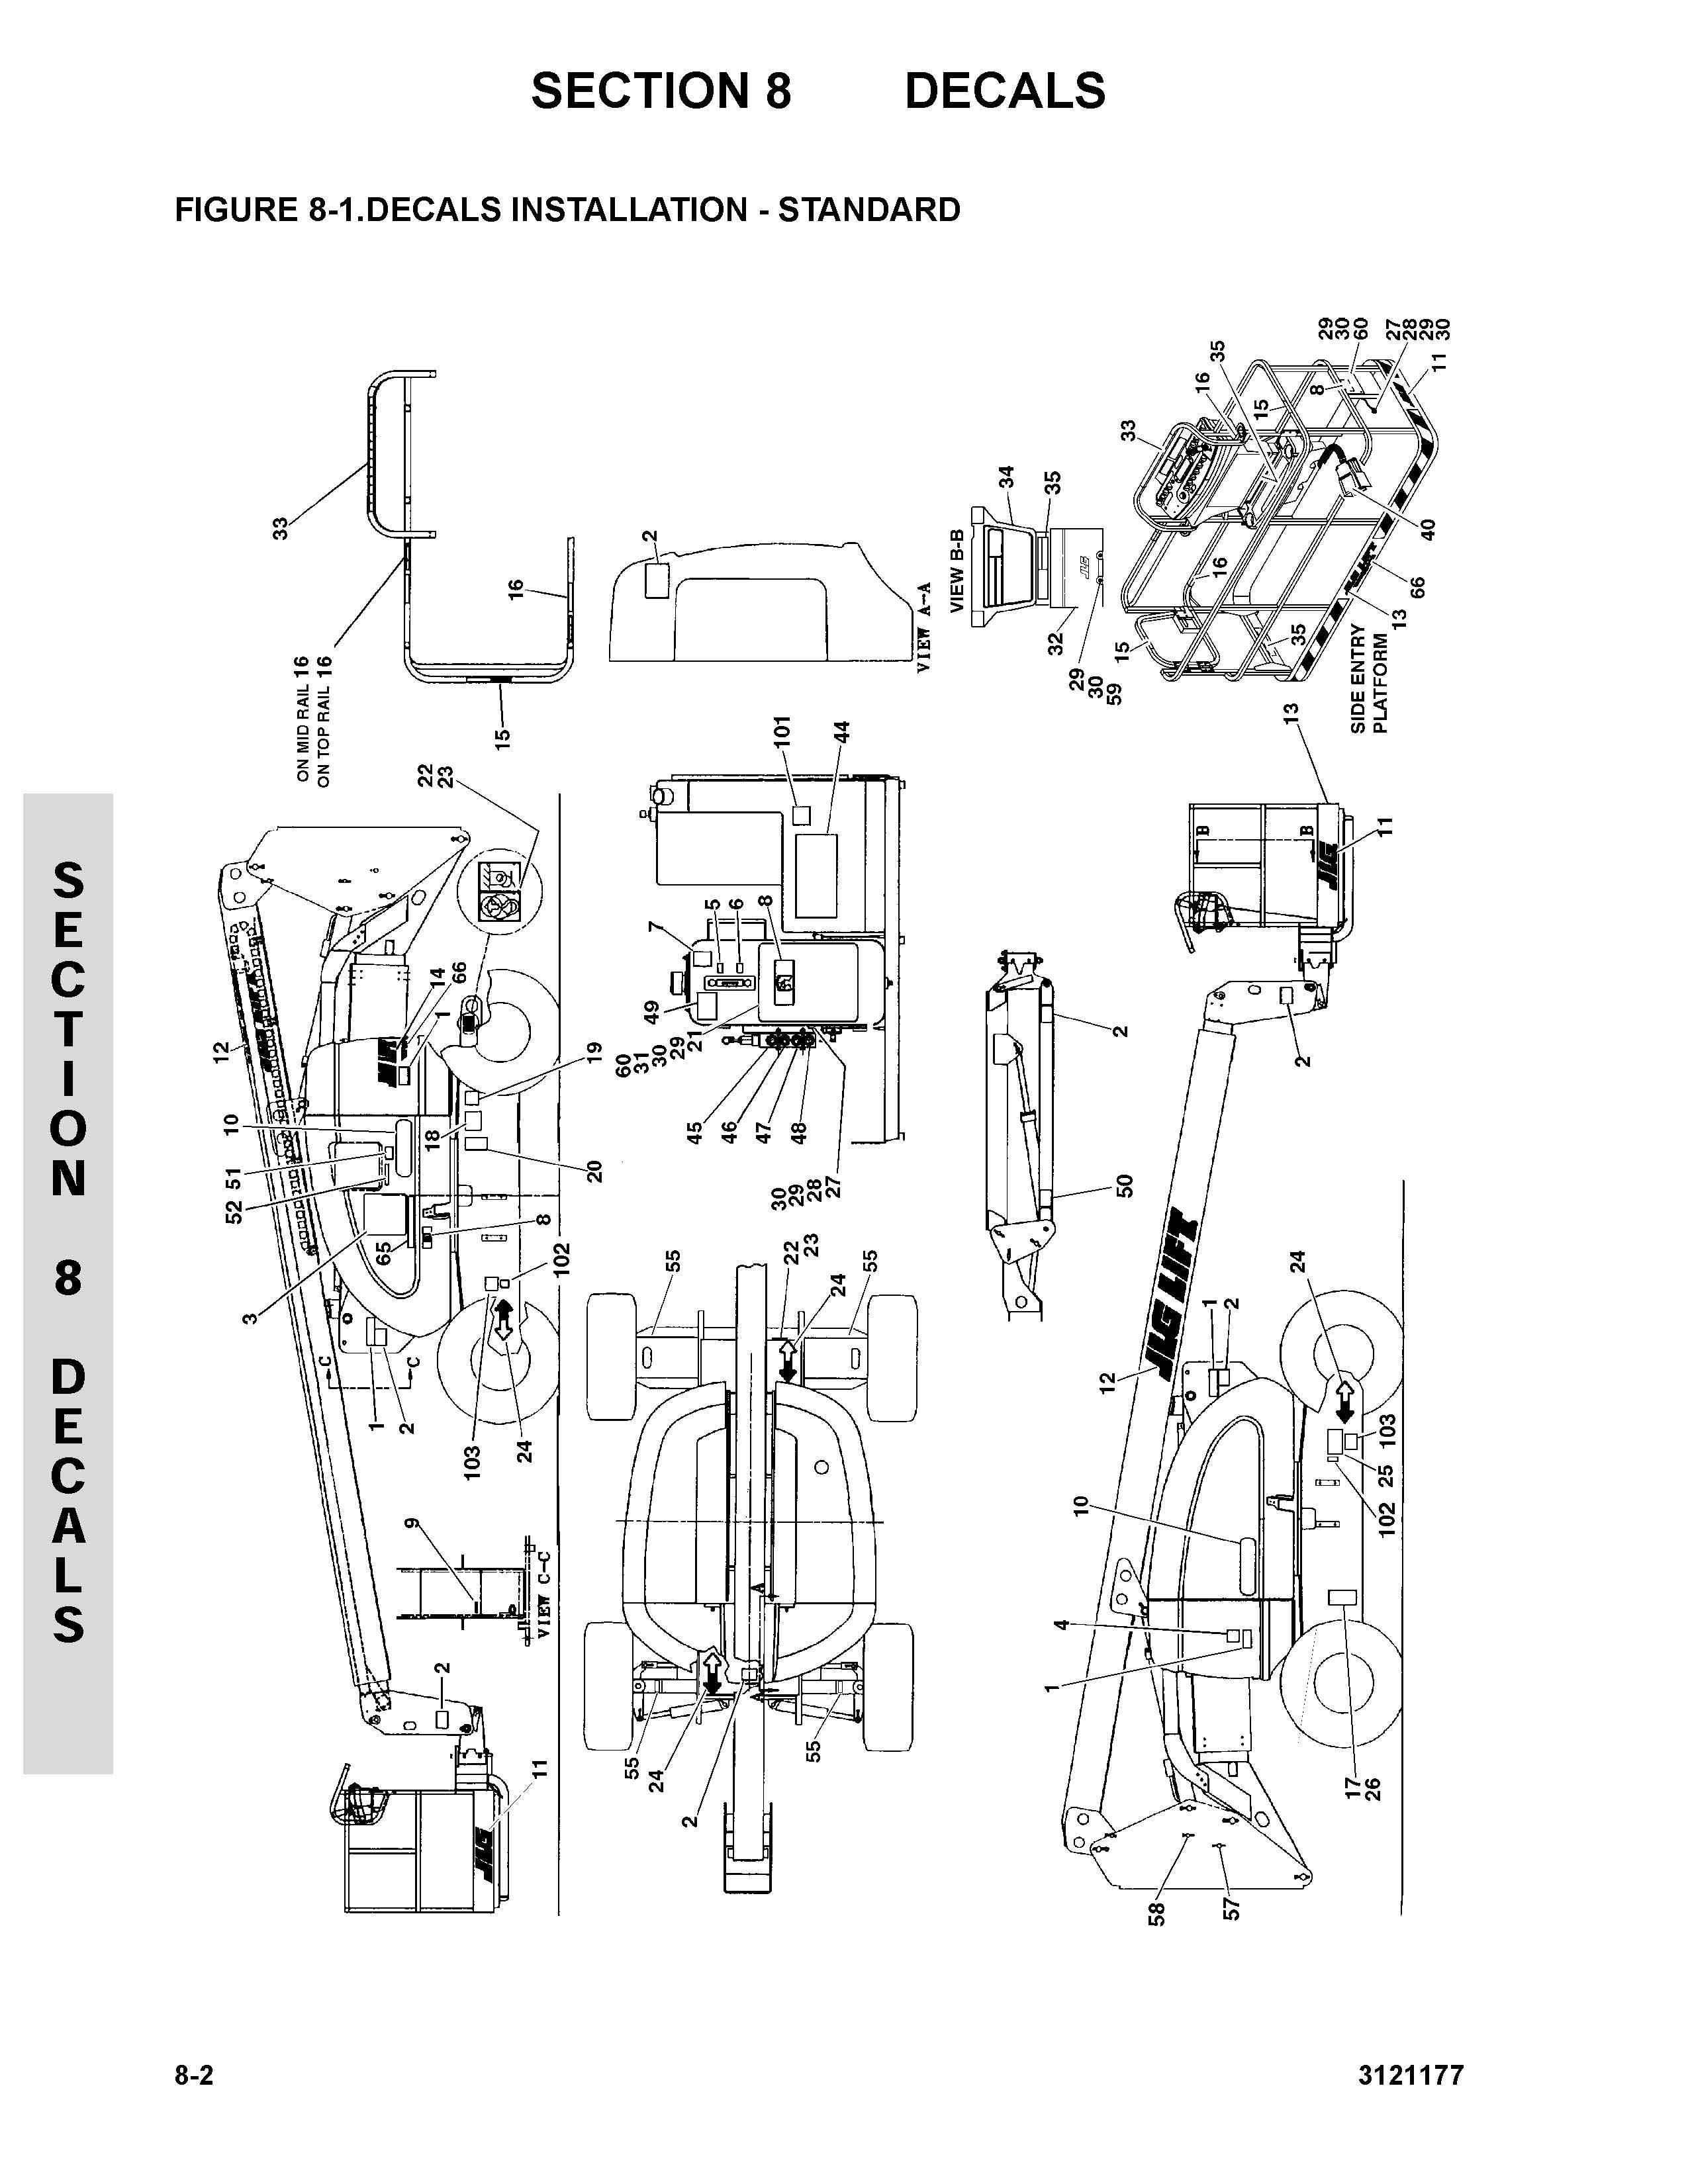 [QMVU_8575]  YD_9286] Jlg N40E Wiring Diagram Download Diagram | Jlg N40e Wiring Diagram |  | Spoat Jebrp Proe Hendil Mohammedshrine Librar Wiring 101